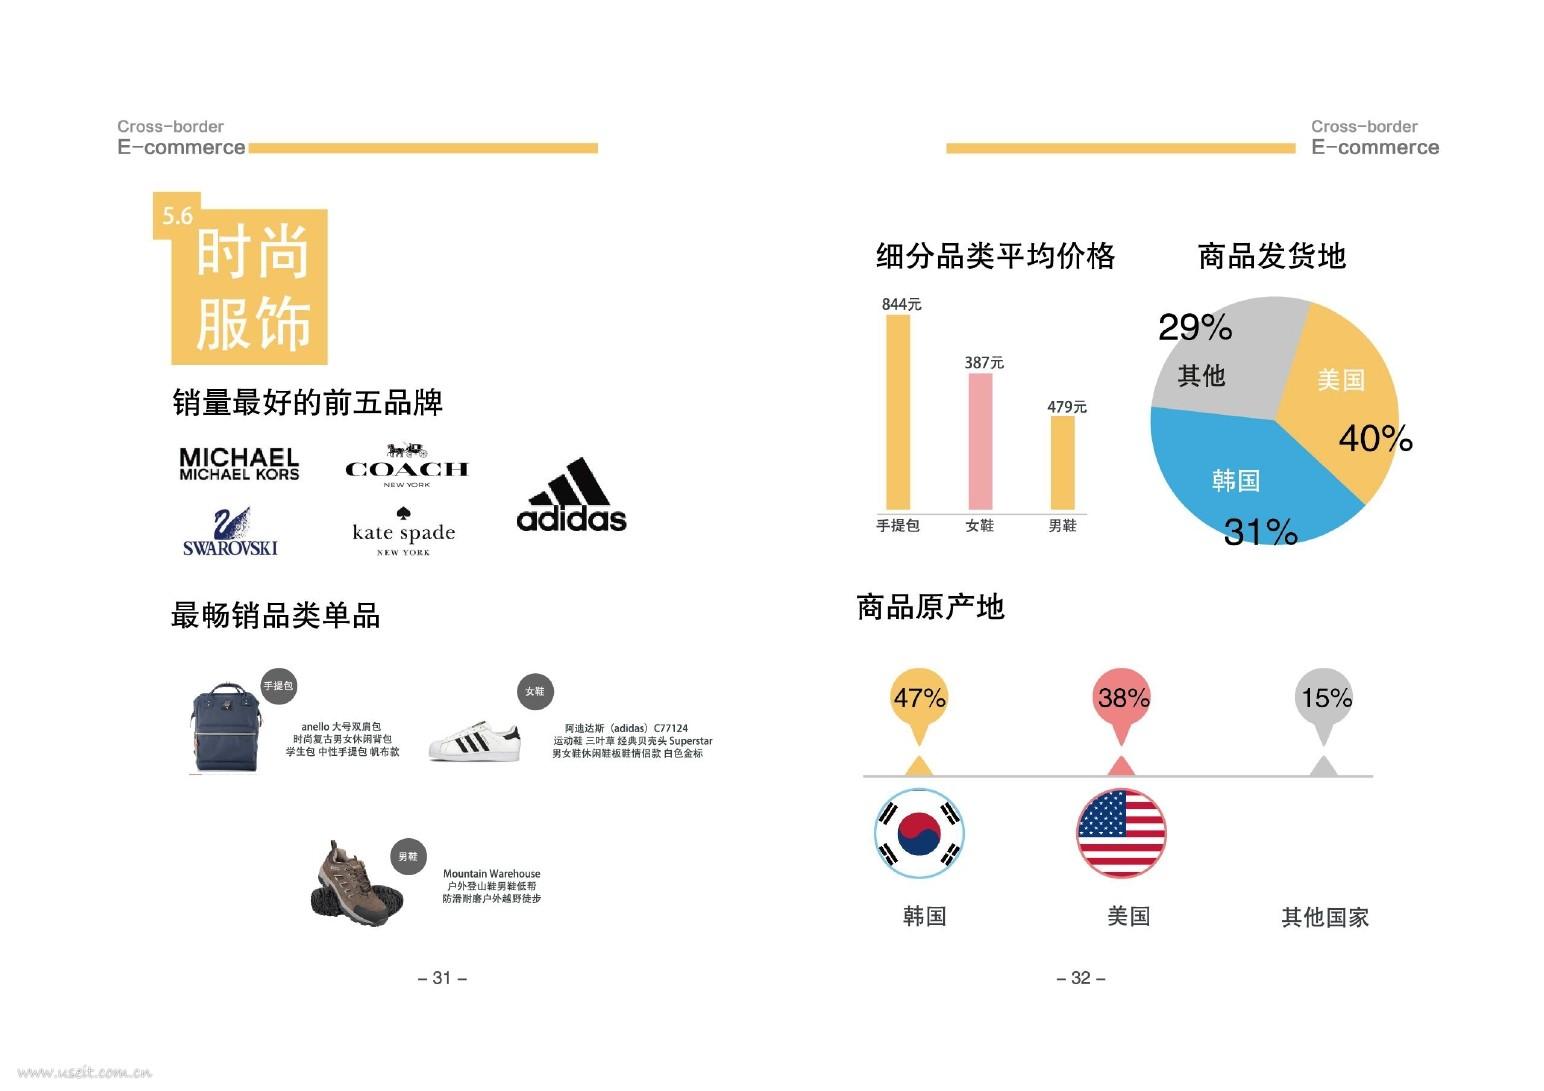 小智服饰店_华院:2017中国跨境电商指数白皮书 | 小工蚁科技